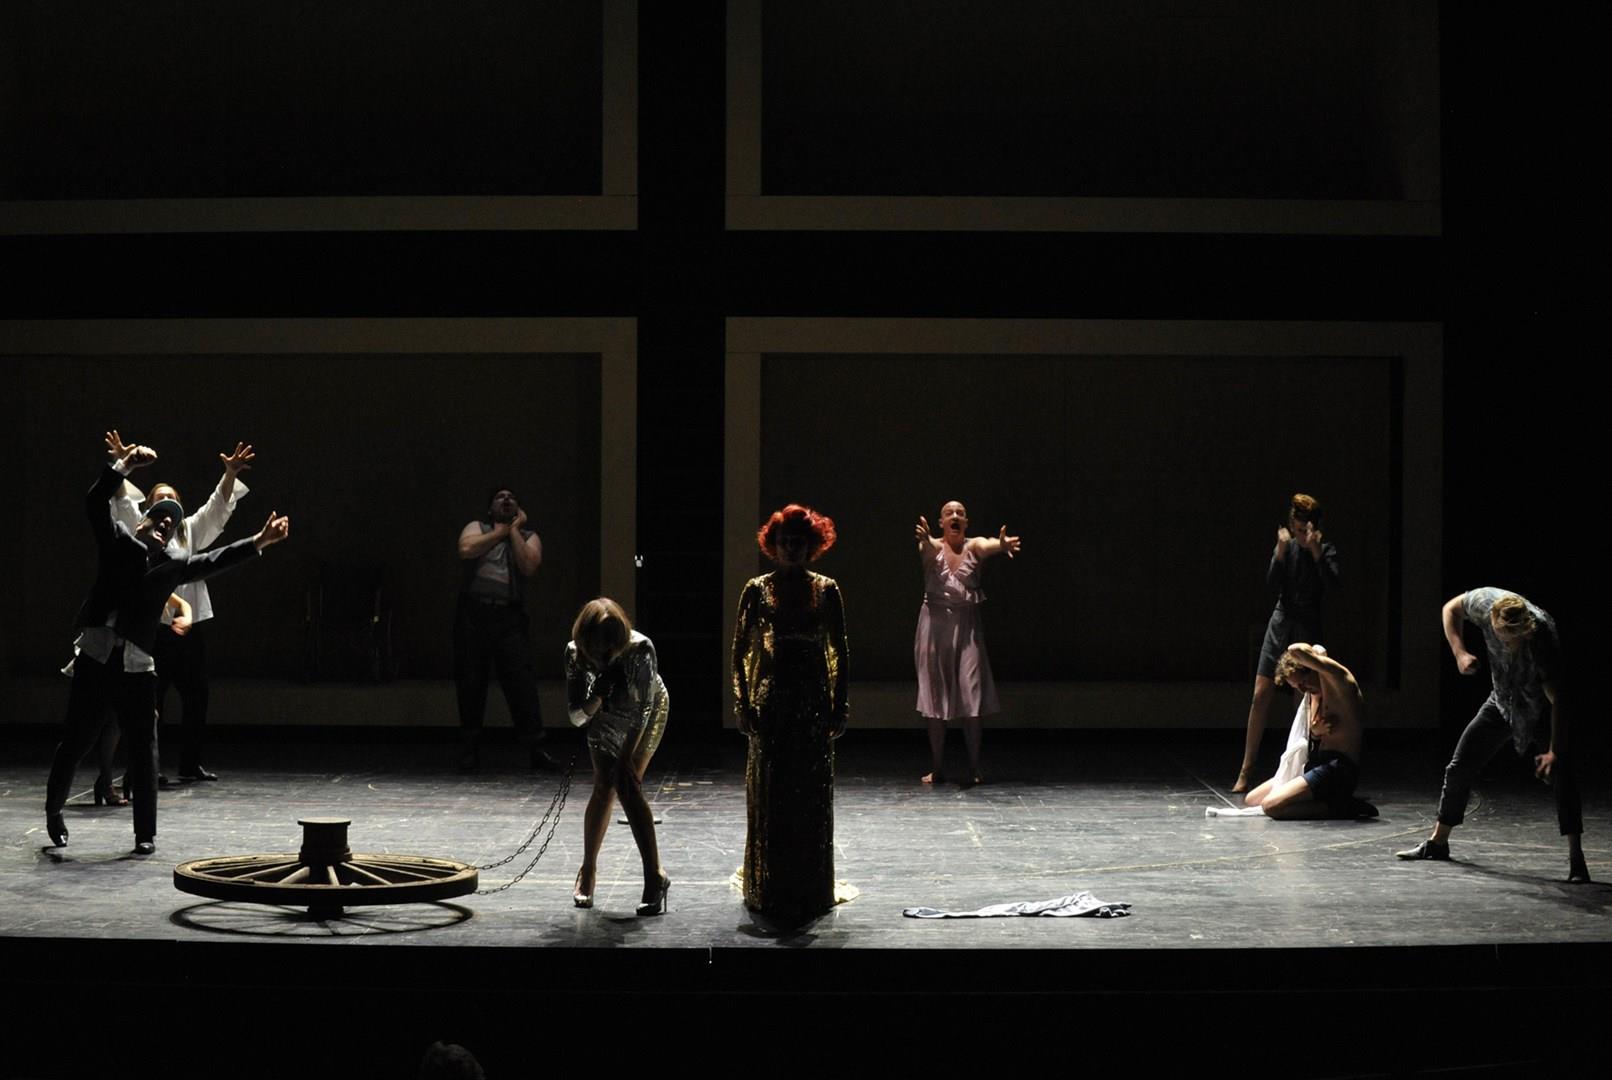 Hohmann, Schwittay, Rubino, Nironen, Feldmeier, Schrodt, Straub, von Treuenfels, Irle / © Hans-Otto-Theater